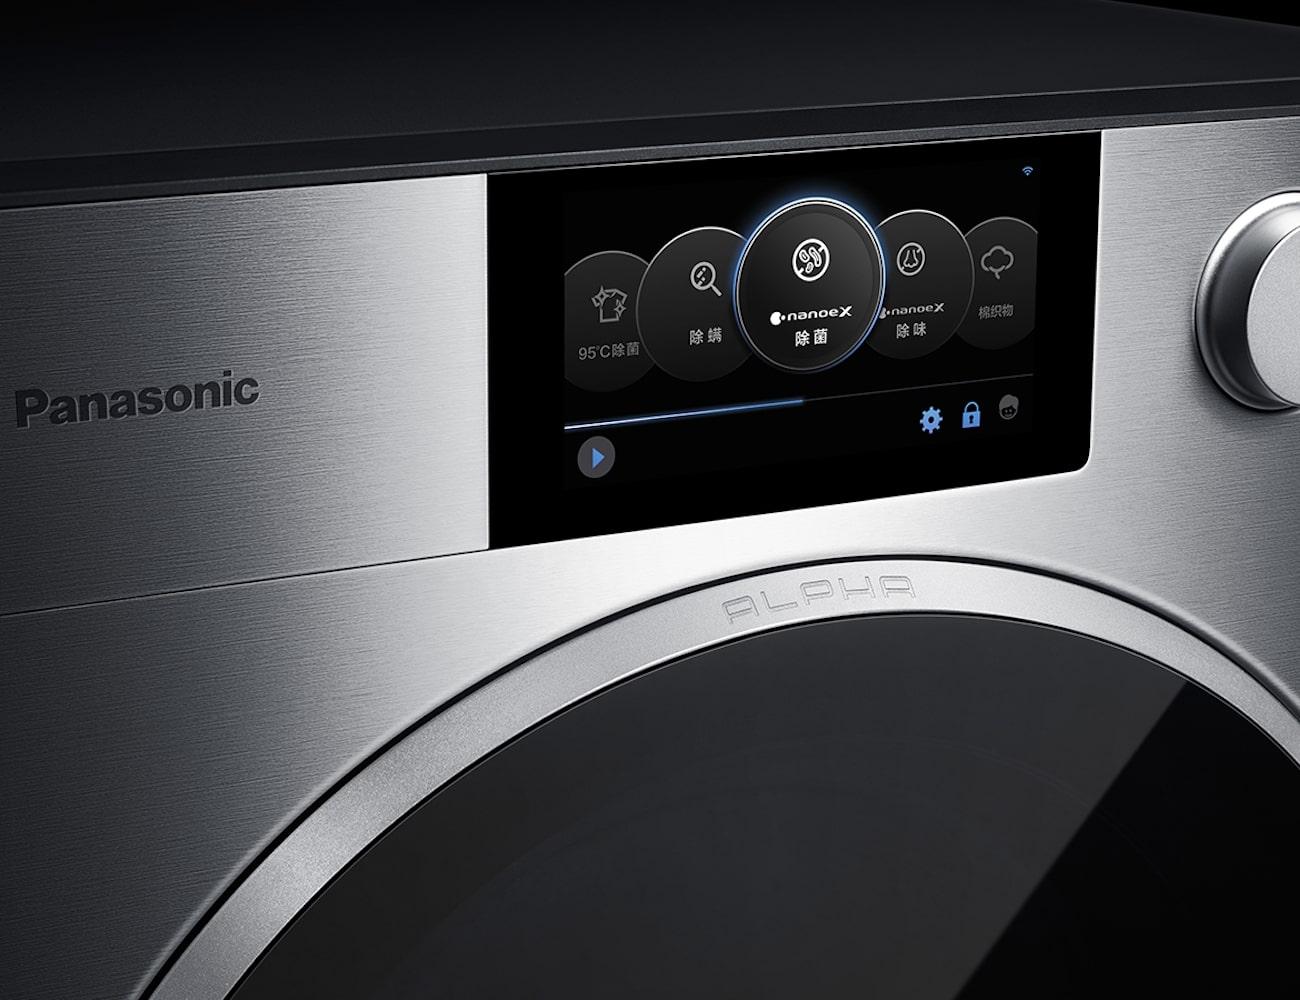 Panasonic Alpha Luxury Washing Machine